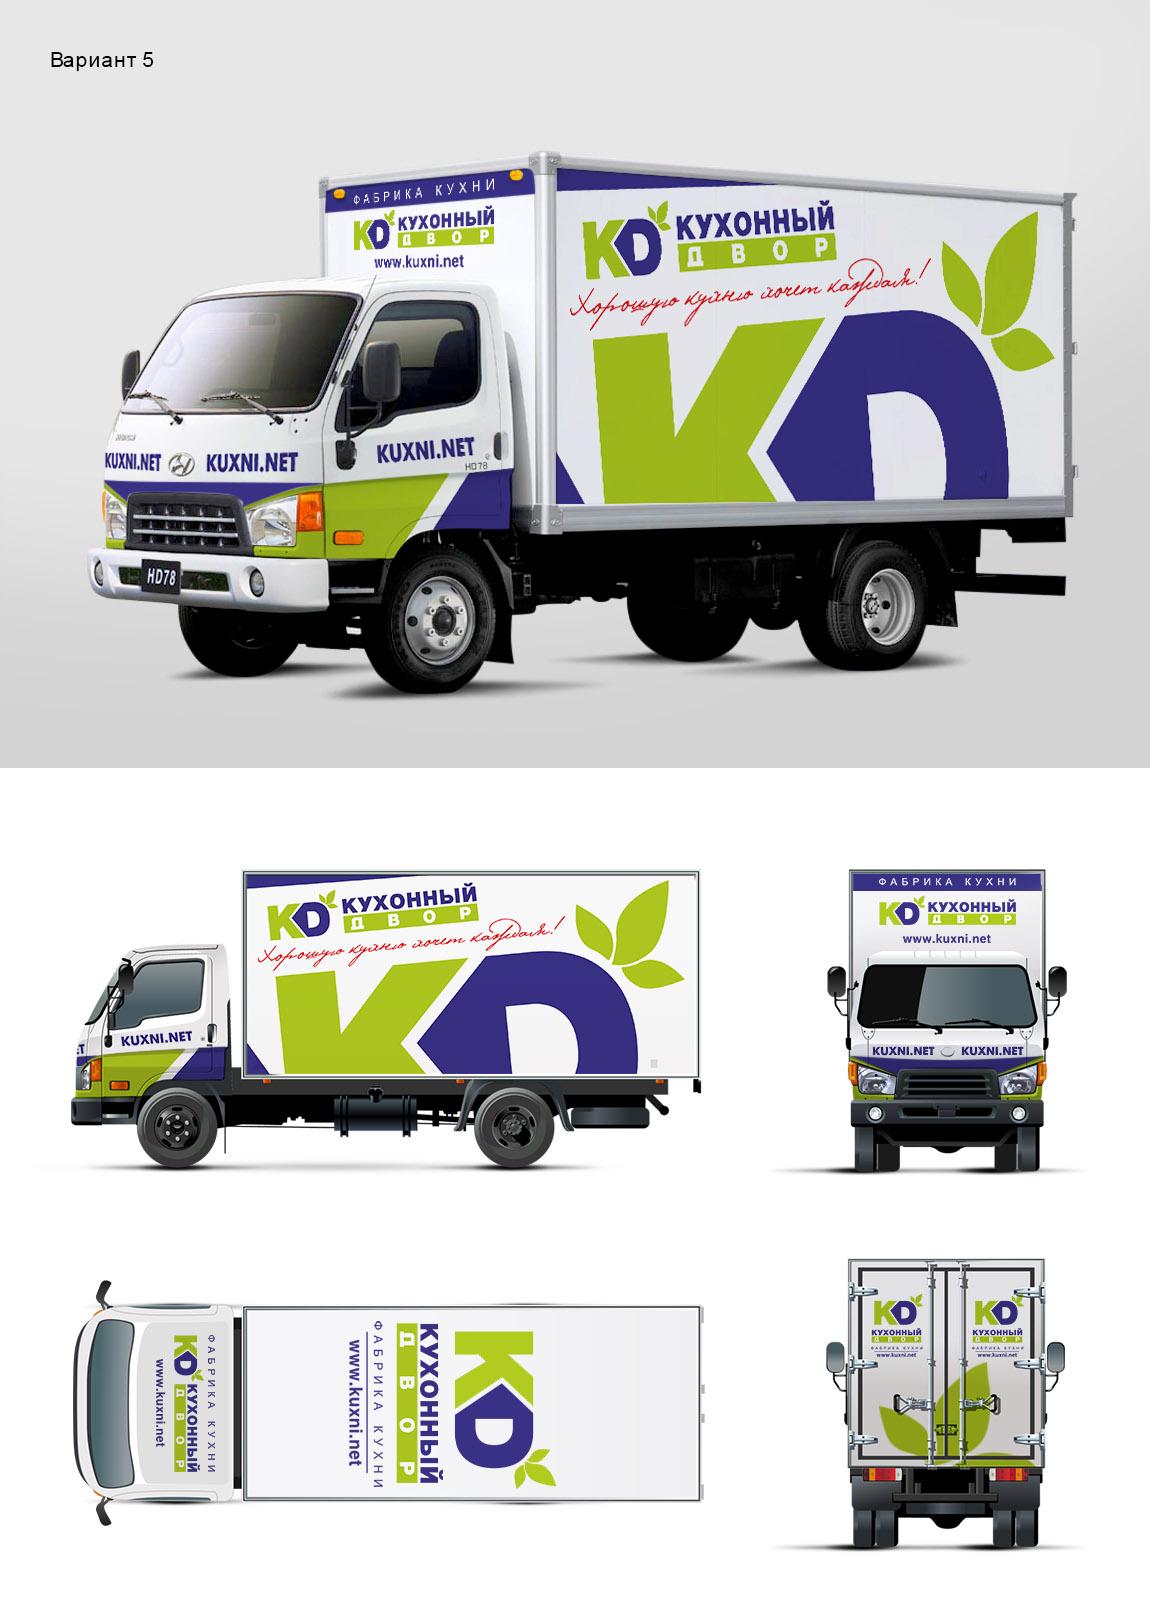 """Брендирование грузового авто для компании """"Кухонный двор"""" фото f_24759ce800d3aca1.jpg"""